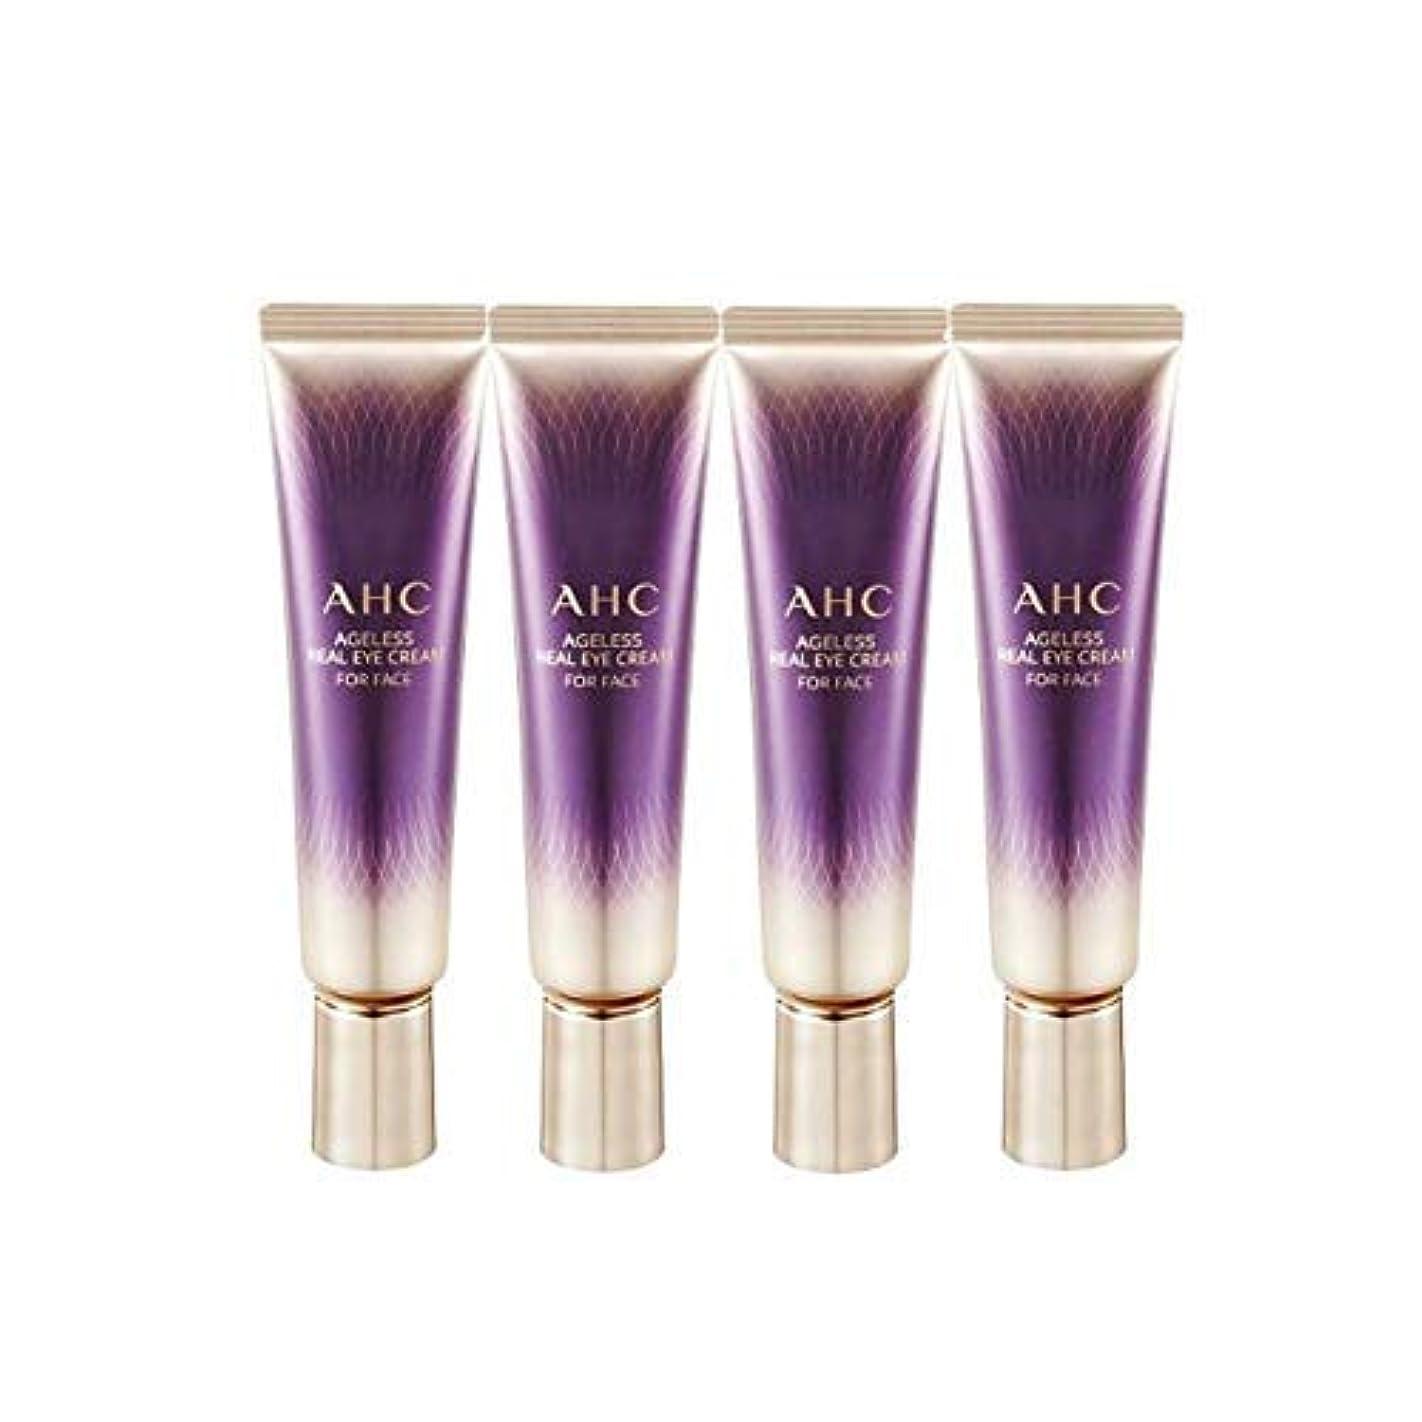 蚊免除タクシーAHC 2019 New Season 7 Ageless Real Eye Cream for Face 1 Fl Oz 30ml x 4 Anti-Wrinkle Brightness Contains Collagen